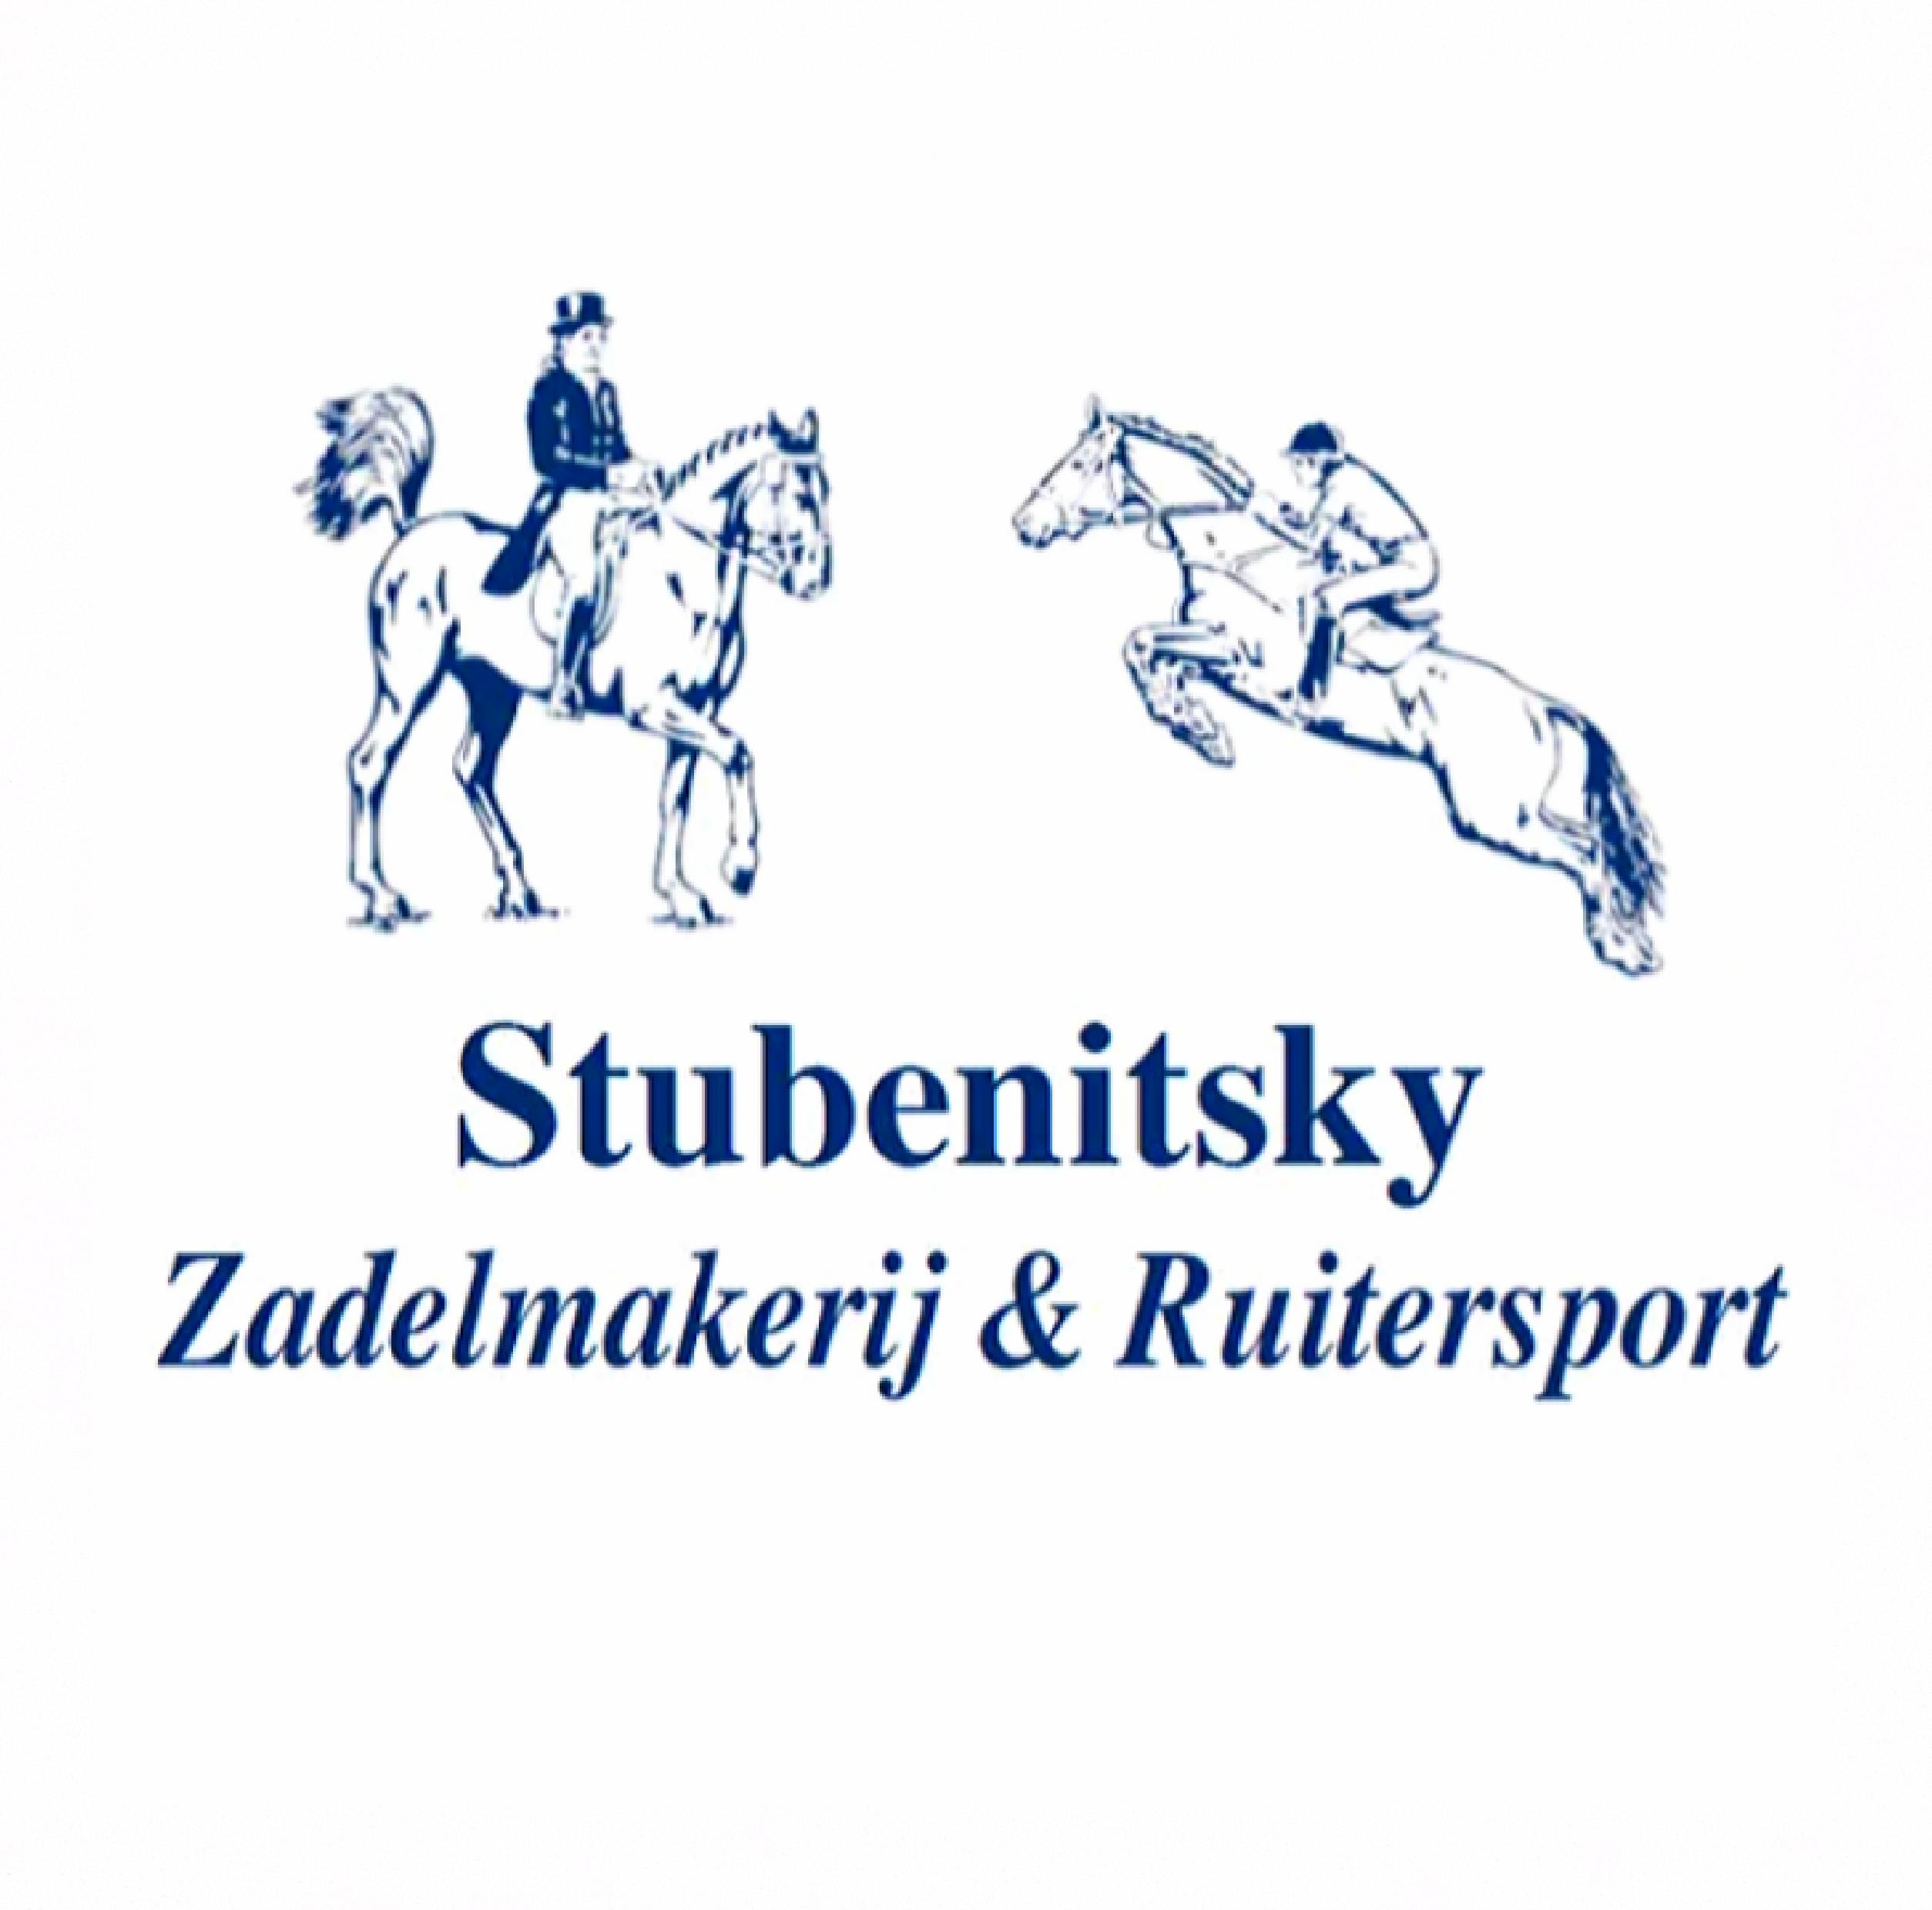 49 stubenitsky